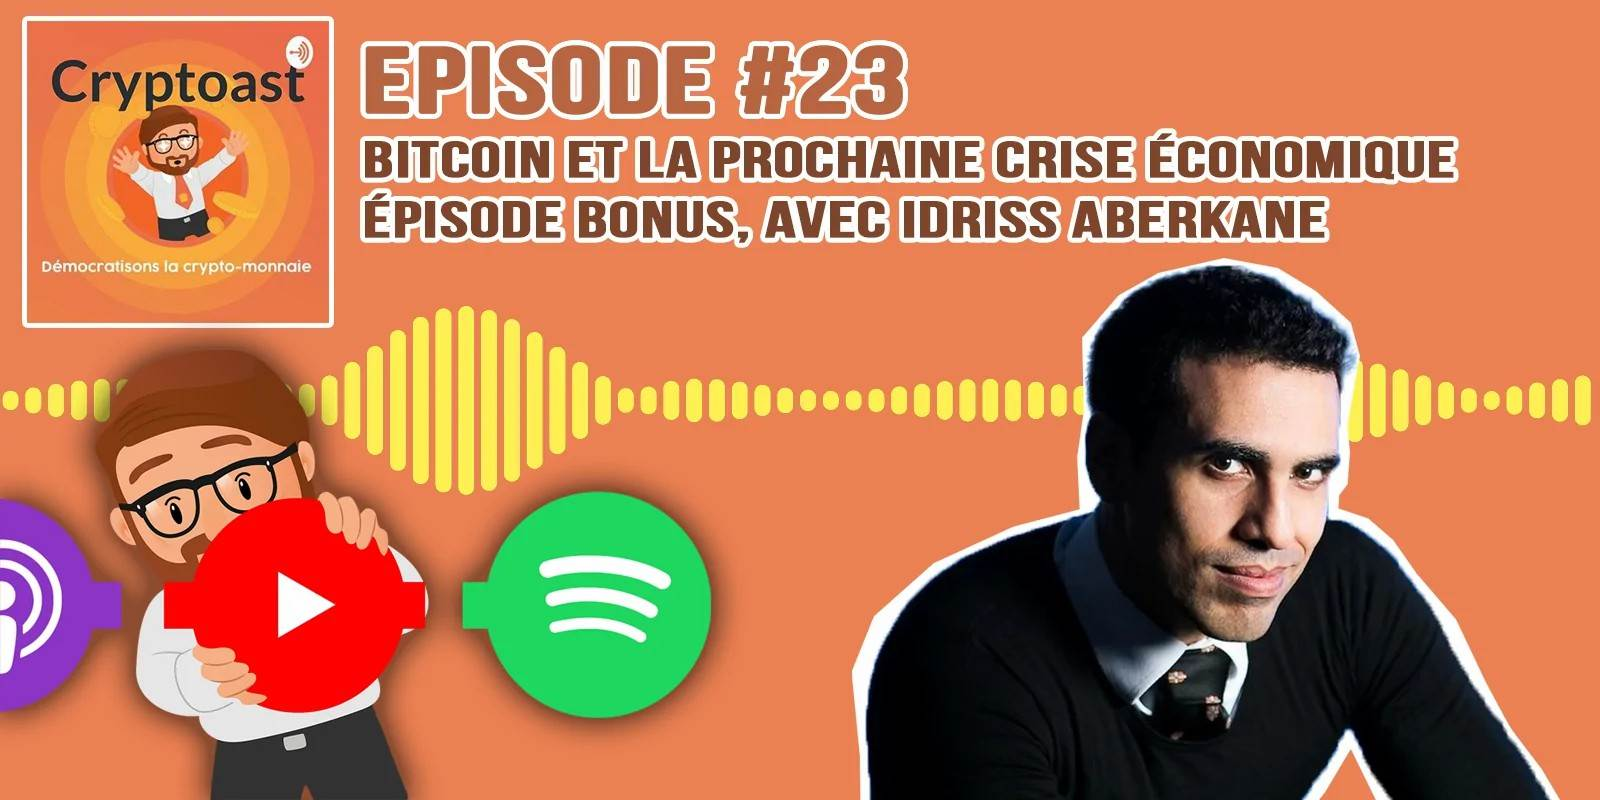 Podcast #23 - Bitcoin et la prochaine crise économique, épisode bonus, avec Idriss Aberkane